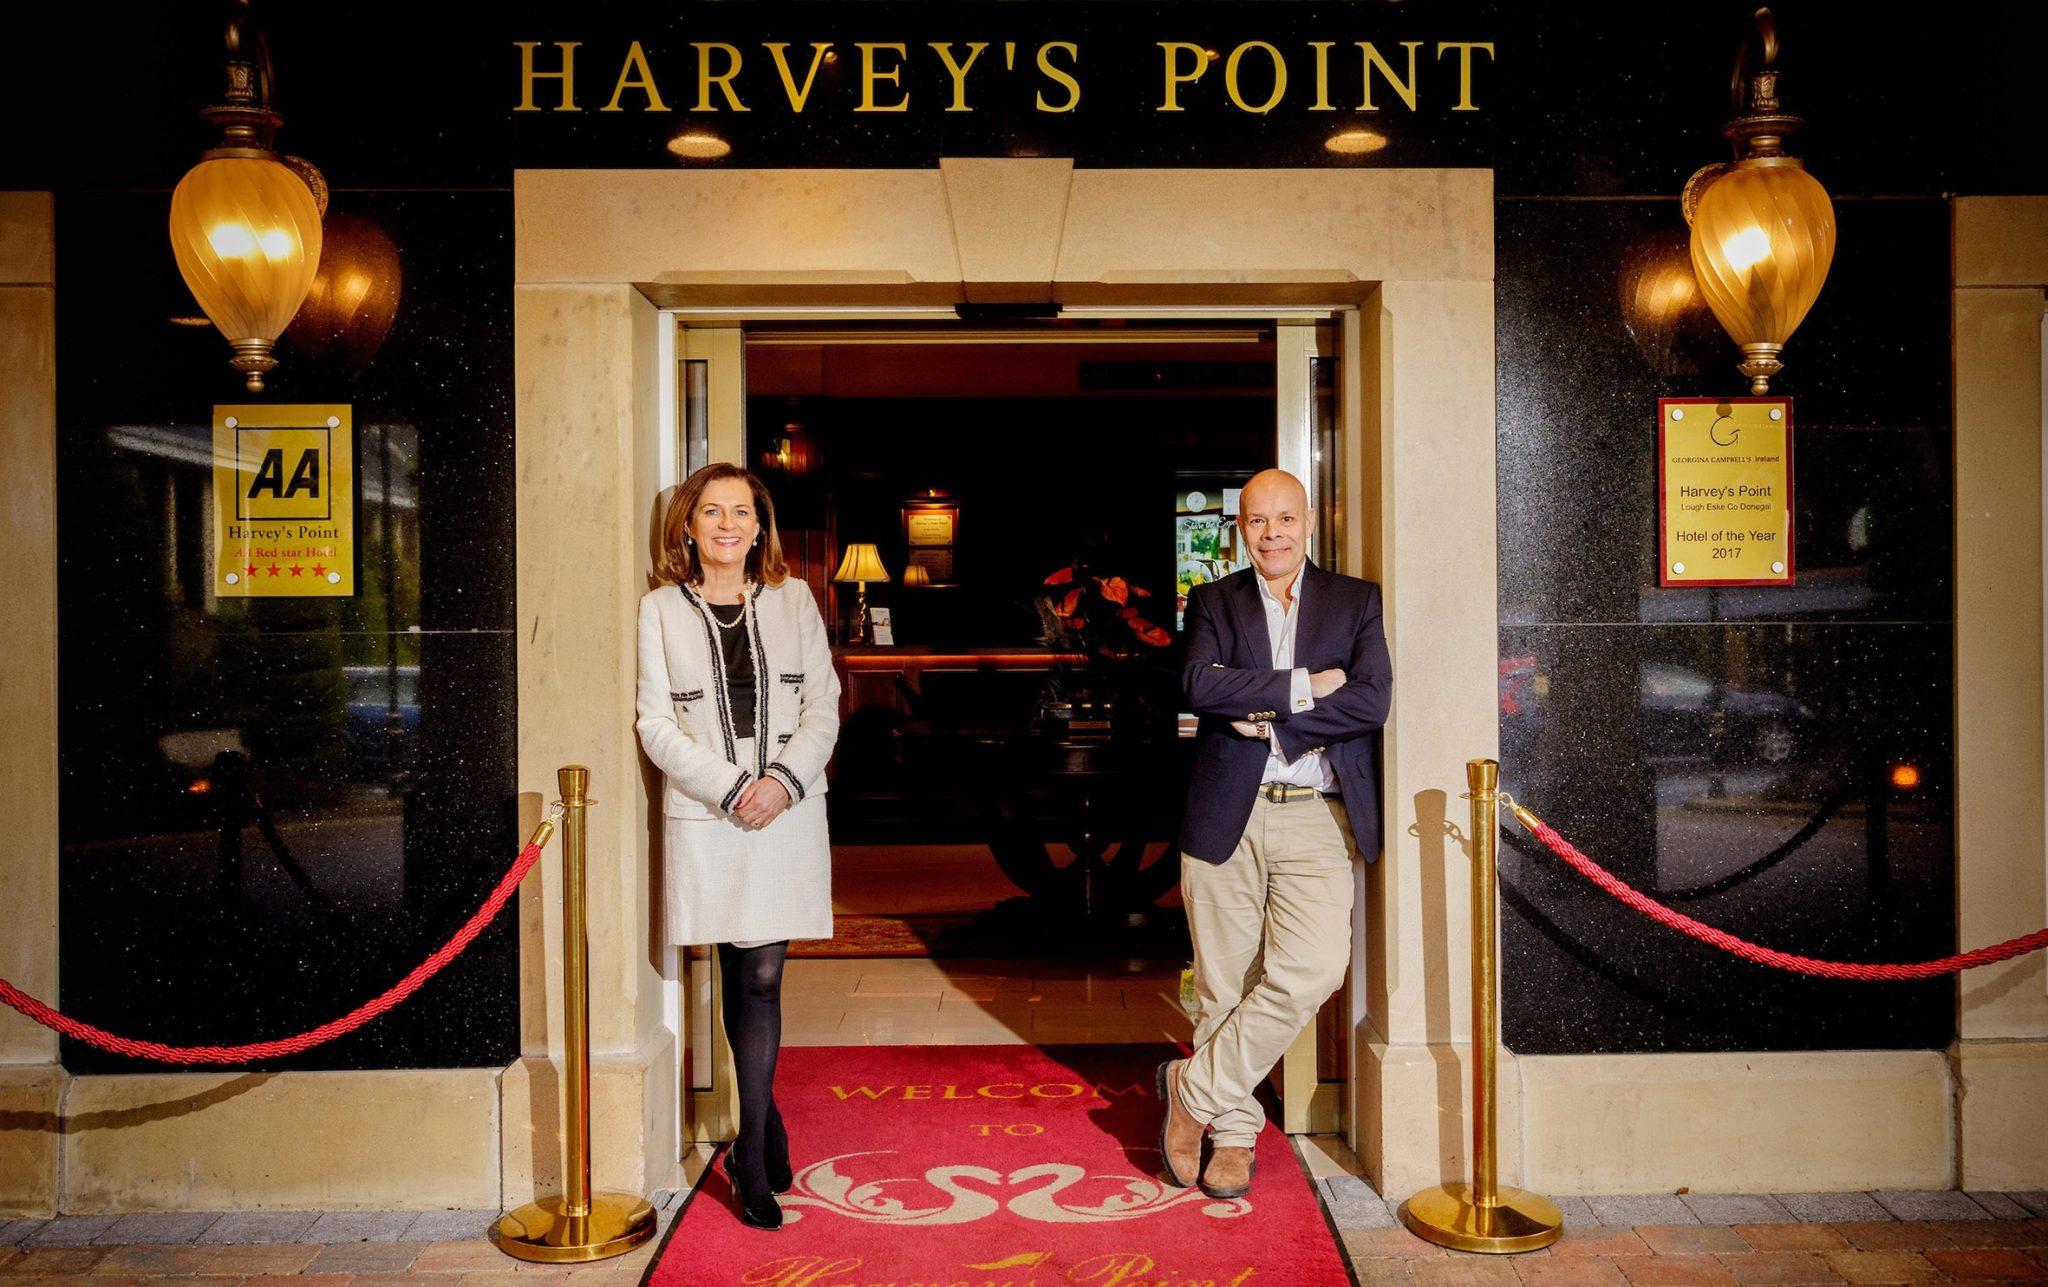 Harvey's Point